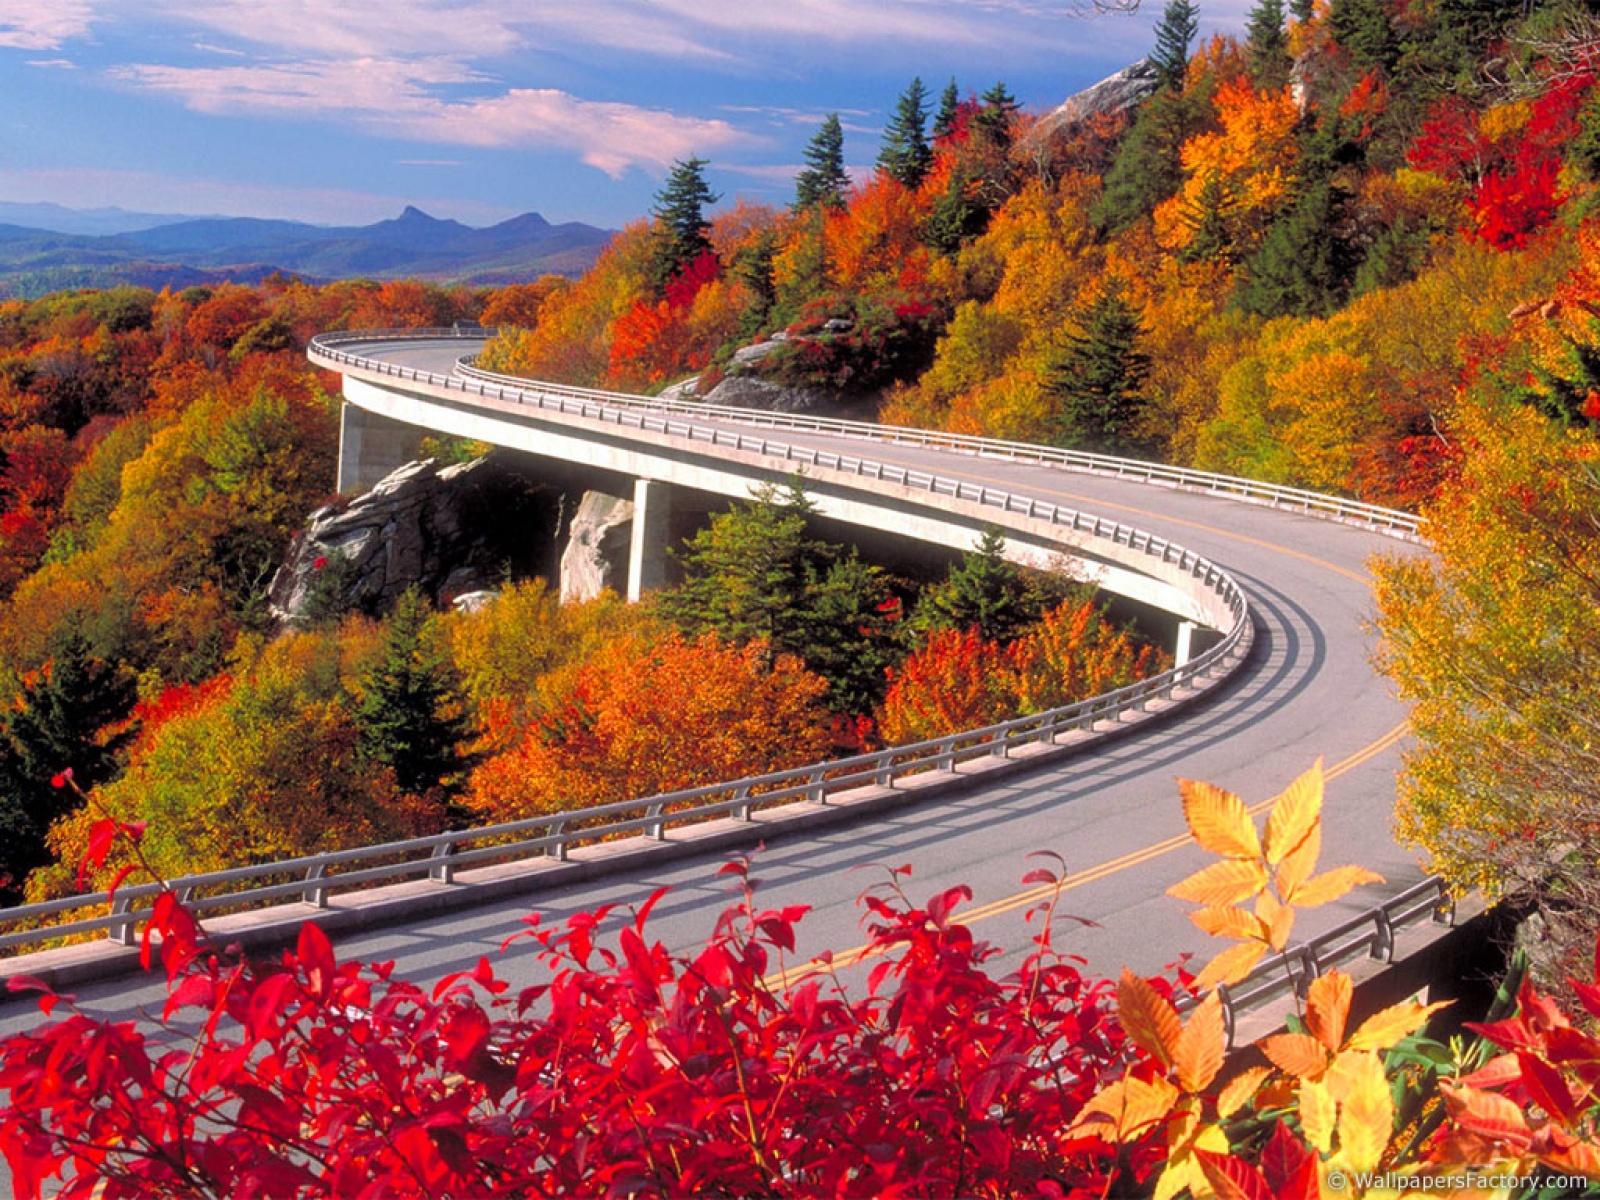 http://2.bp.blogspot.com/_RAlP3BmEW1Q/TQNjk1bVliI/AAAAAAAABOw/w1_lWicuii8/s1600/Herfst-achtergronden-herfst-wallpapers-39.jpg